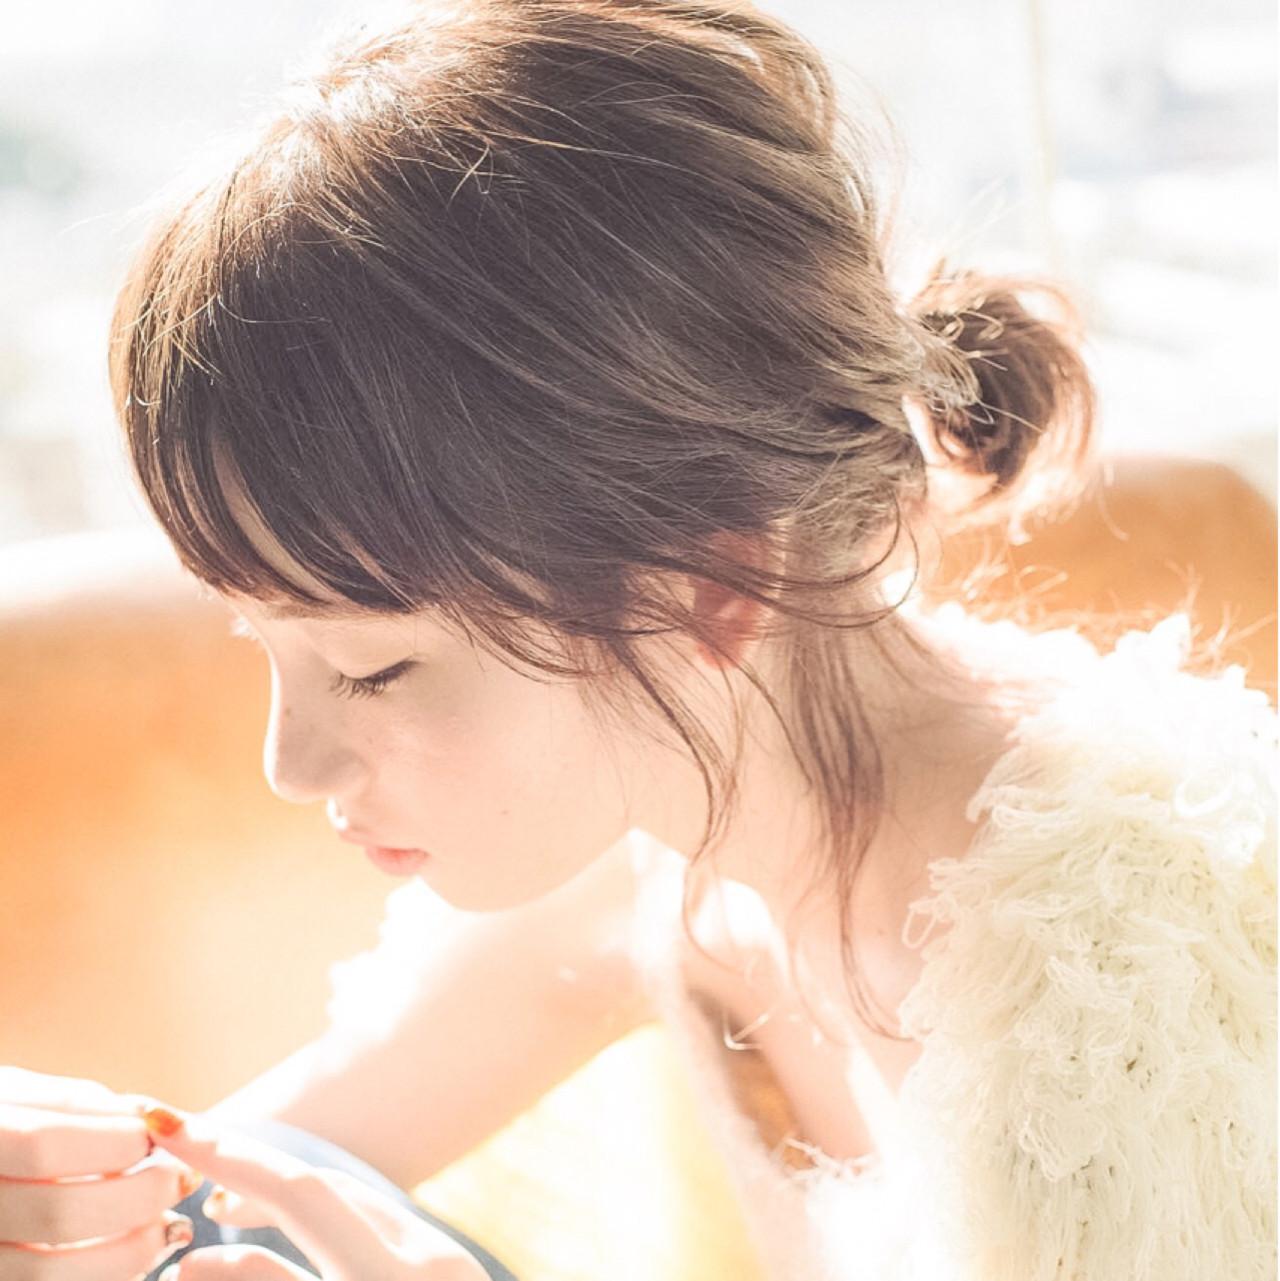 色気 小顔 ニュアンス こなれ感 ヘアスタイルや髪型の写真・画像 | スガ シュンスケ / Tierra (ティエラ)